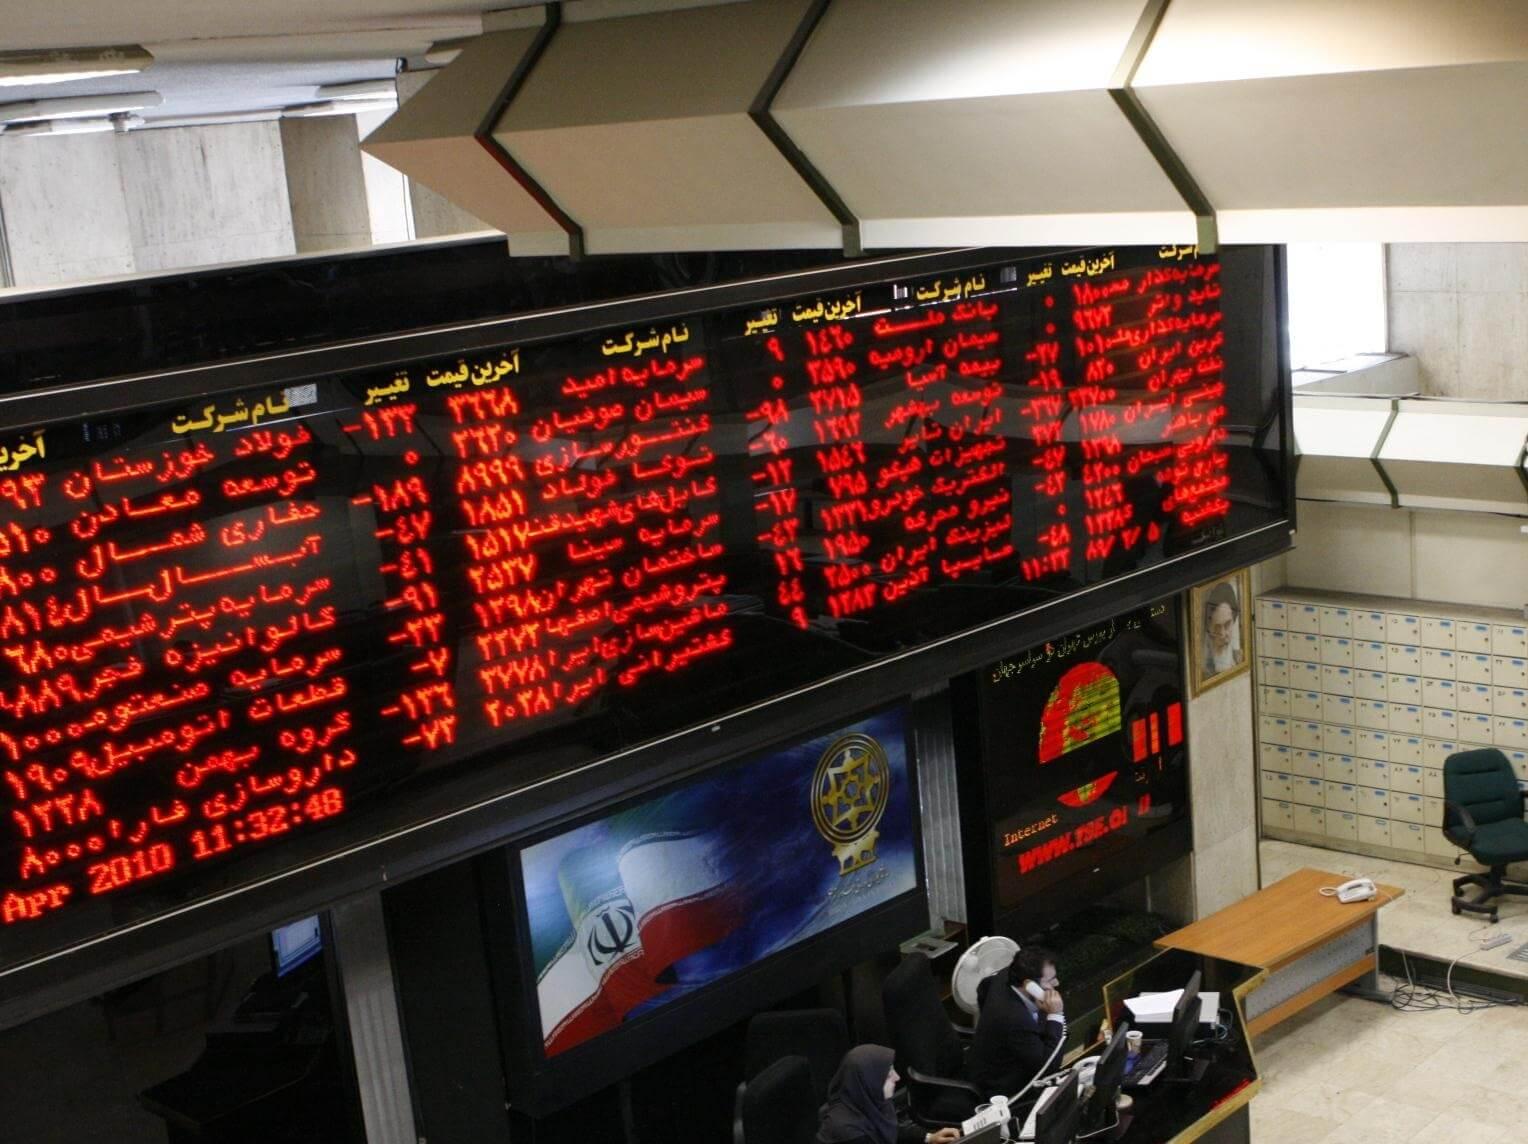 راز بازدهی های شگفت آور در بازار سرمایه